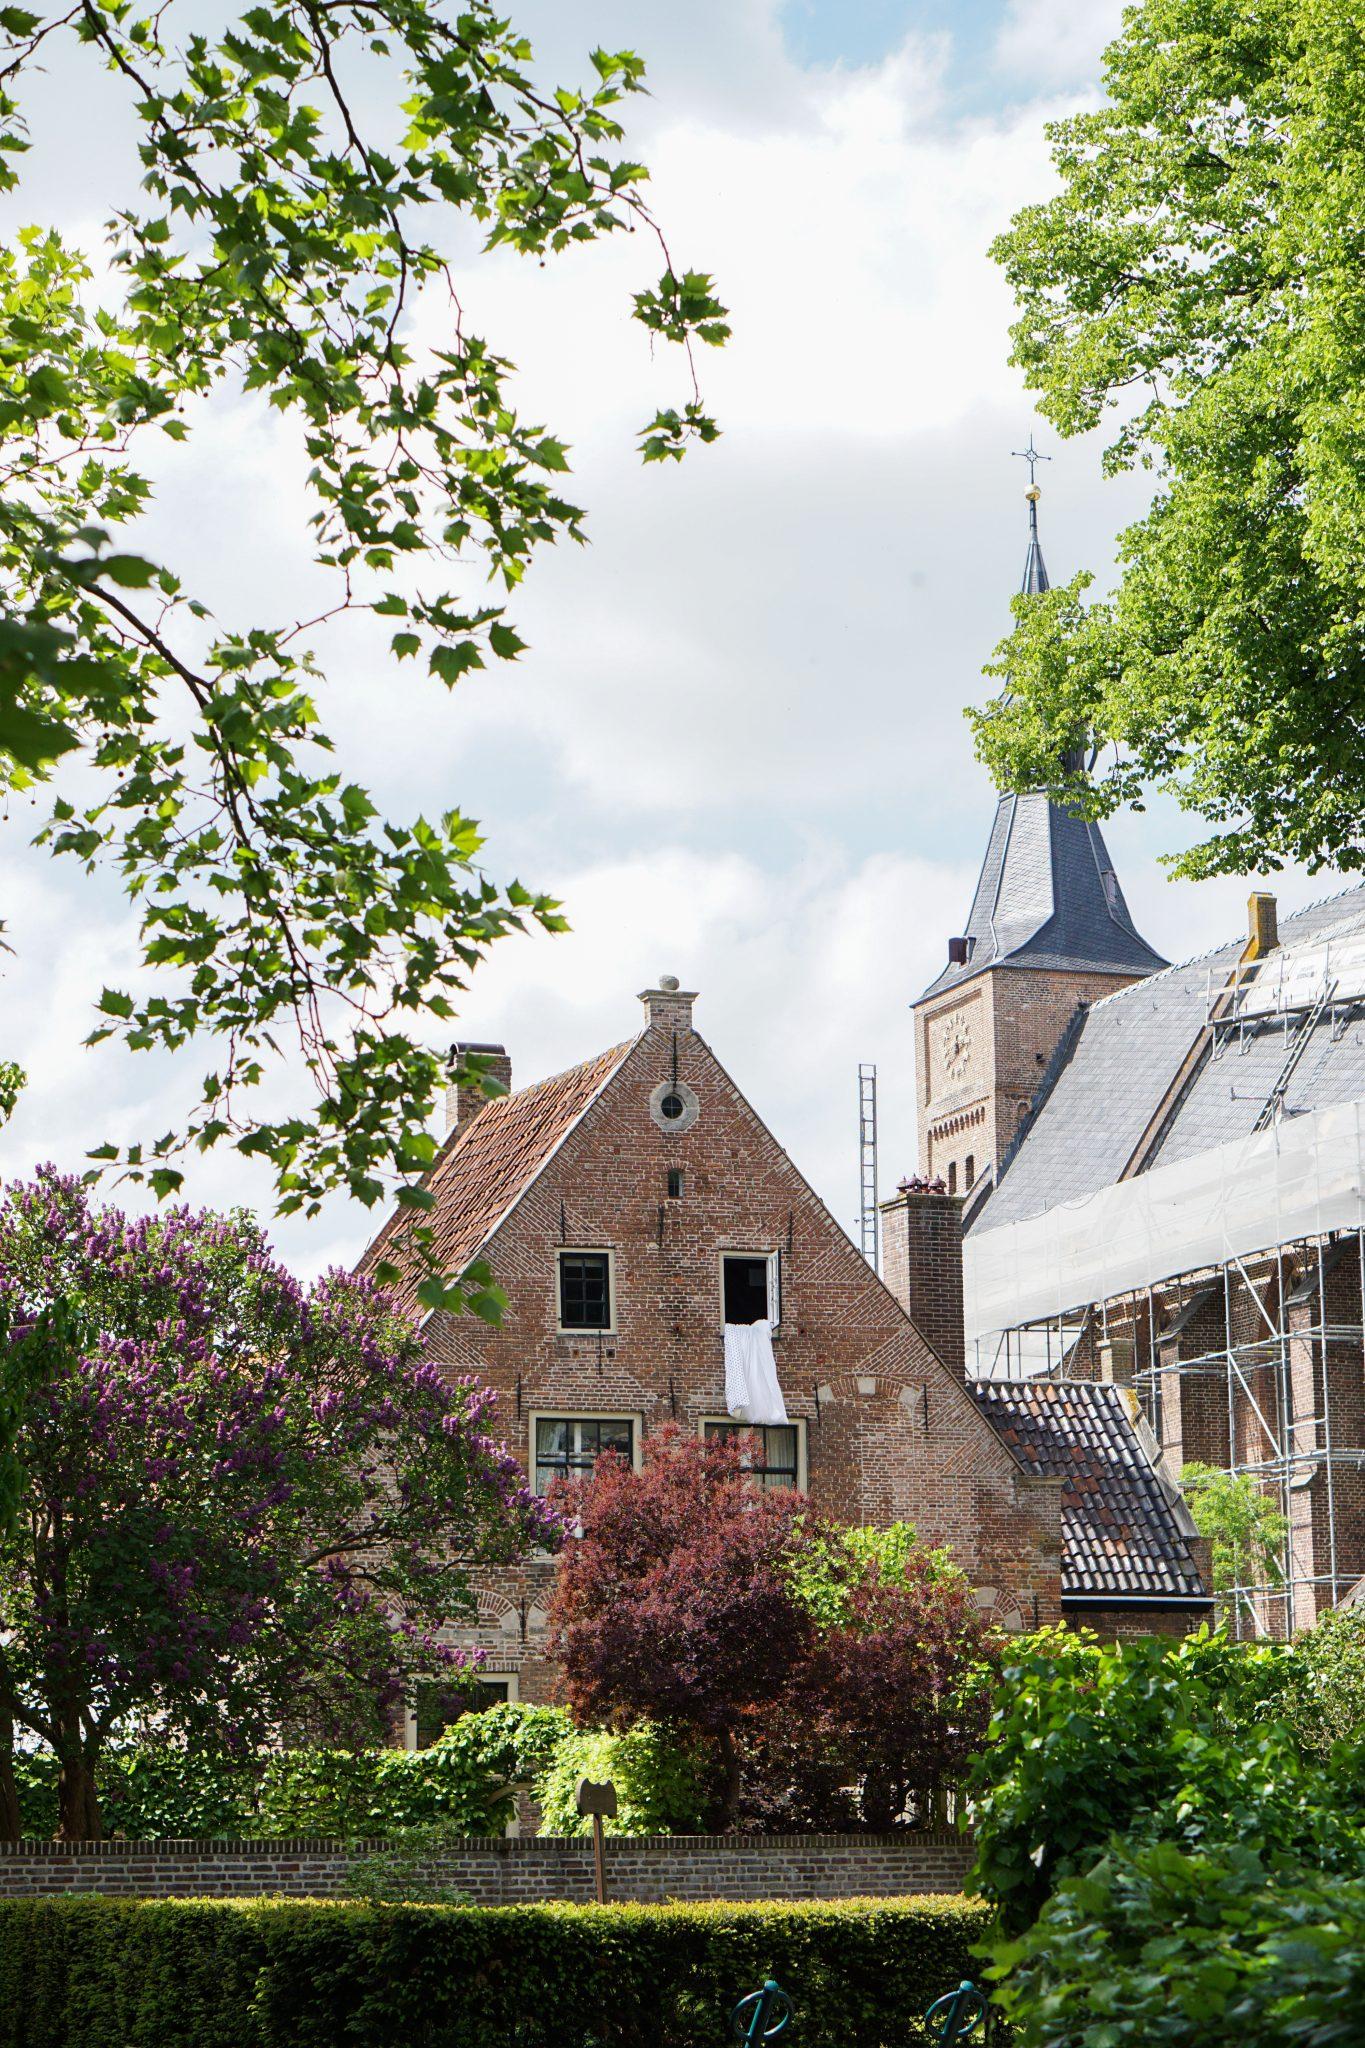 hattem hanzestad holland nederland